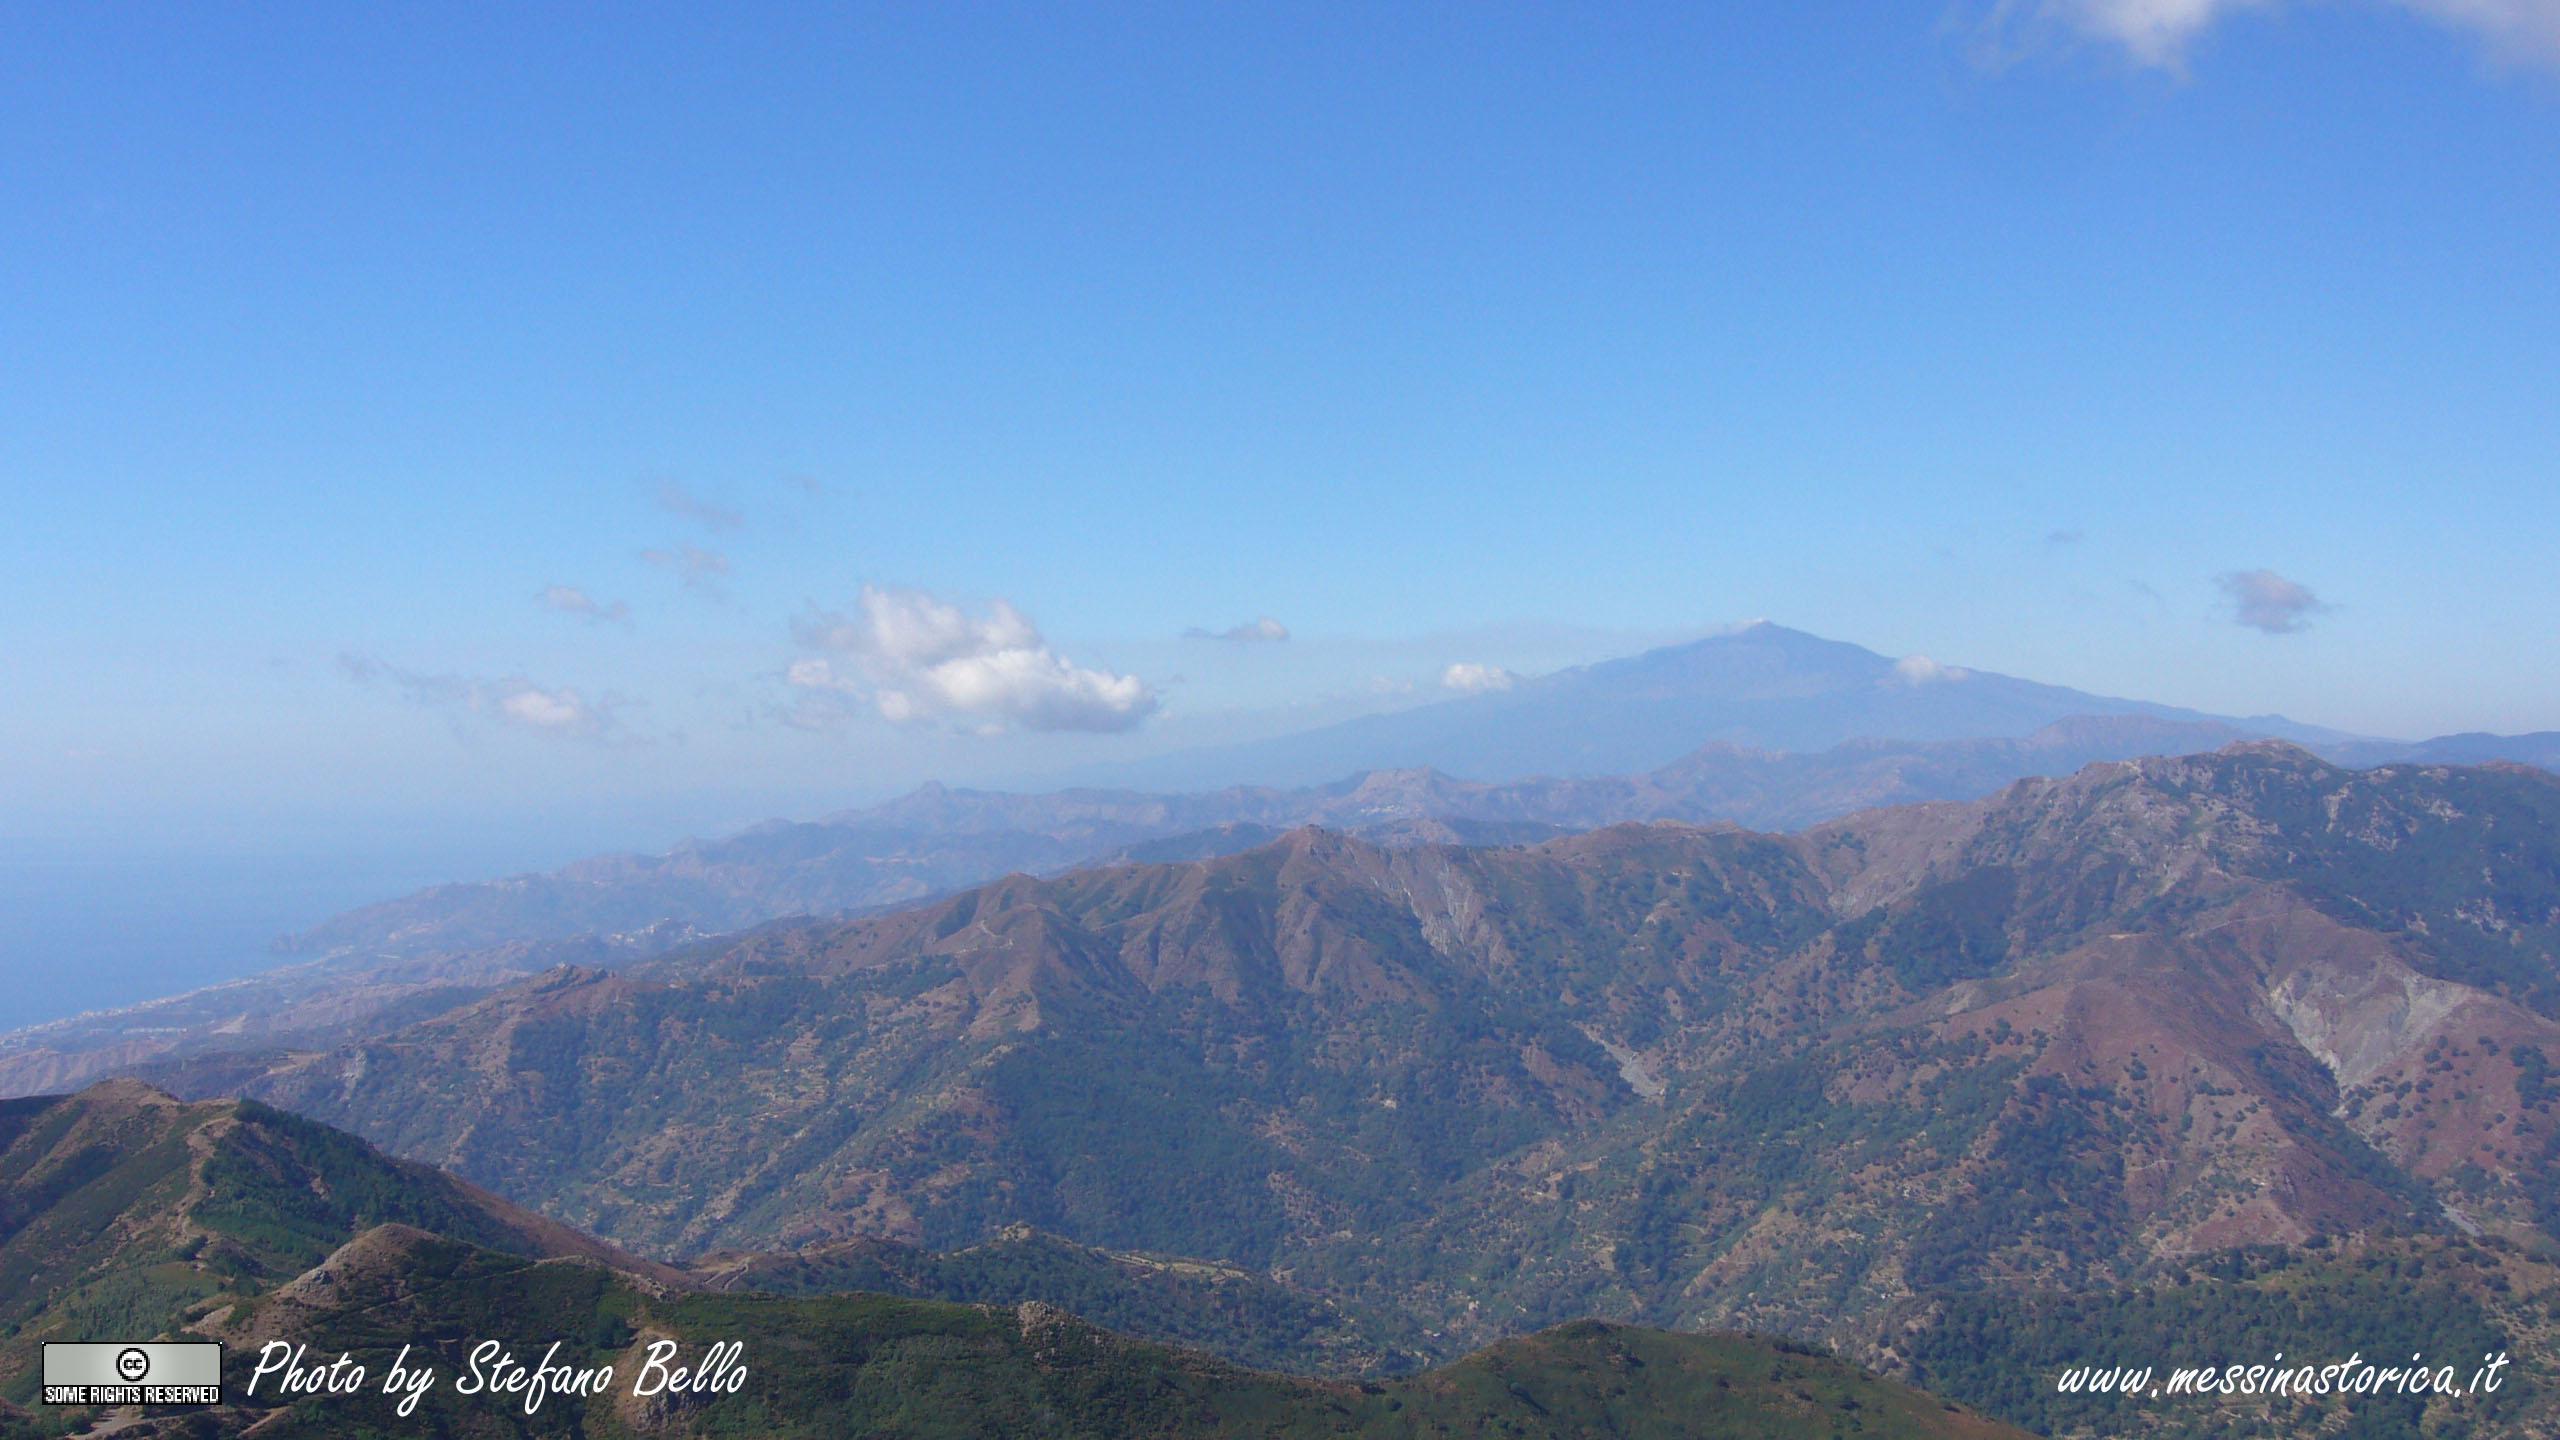 una panoramica in direzione sud: dalla riviera ionica e Capo S.Alessio (sulla sinistra) all'Etna, regina dello scenario - LA FOTO è IN FORMATO PANORAMICO 16:9